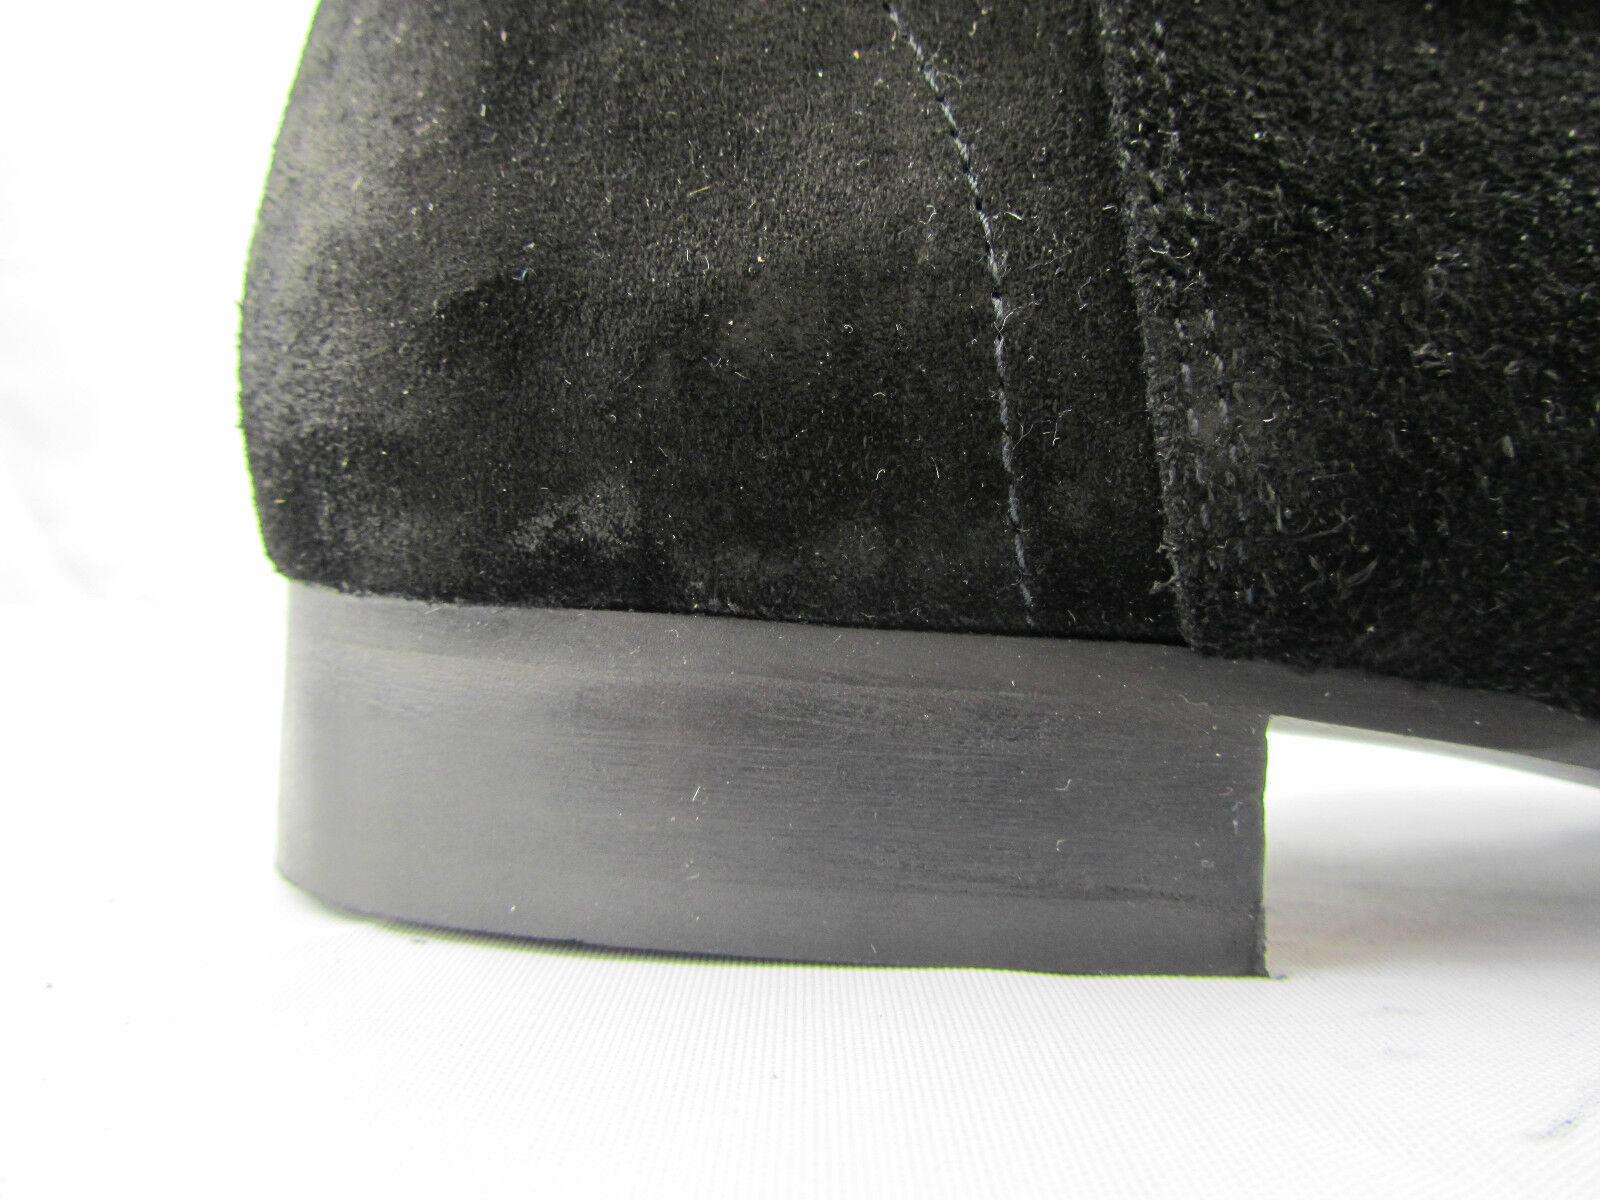 Uomo Retro Lennon HI BEAT neri in Beatle pelle scamosciata tacco Beatle in Stivali a punta FATTO A MANO 905c02